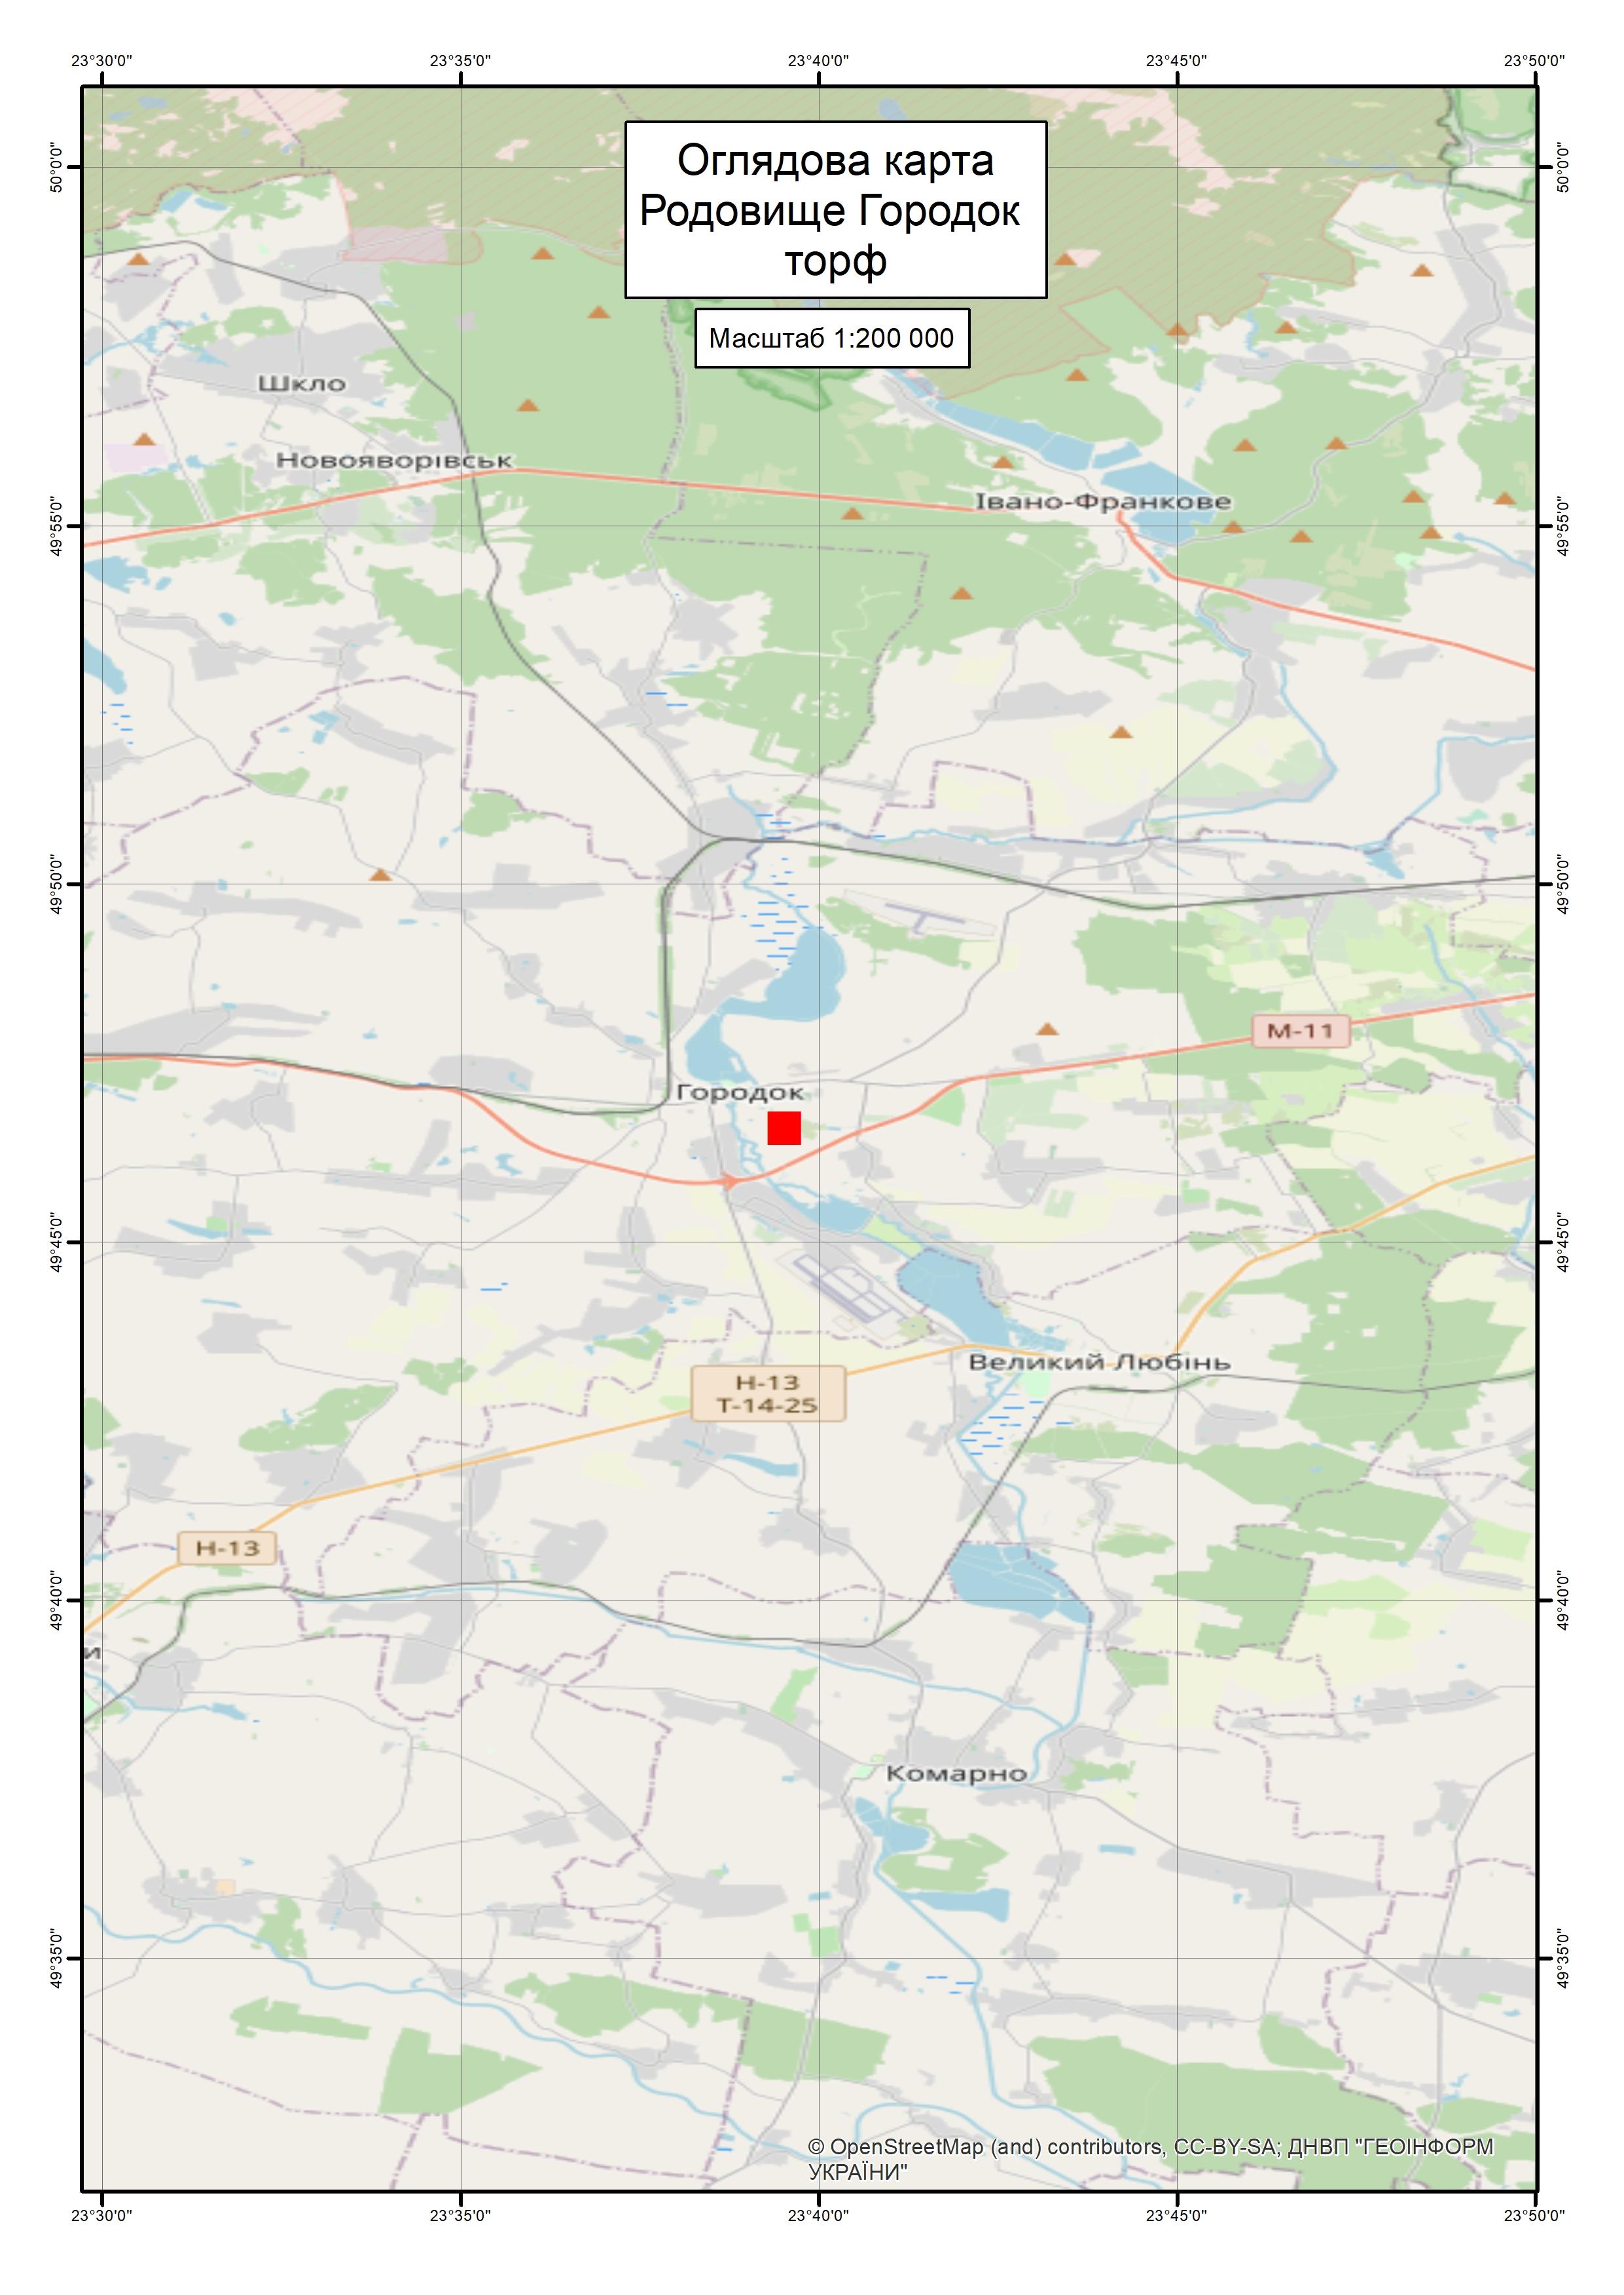 Спеціальний дозвіл на користування надрами – Родовище Городок. Вартість геологічної інформації – 59 603,83 грн (з ПДВ). Вартість пакету аукціонної документації – 12 651,82 грн (з ПДВ).